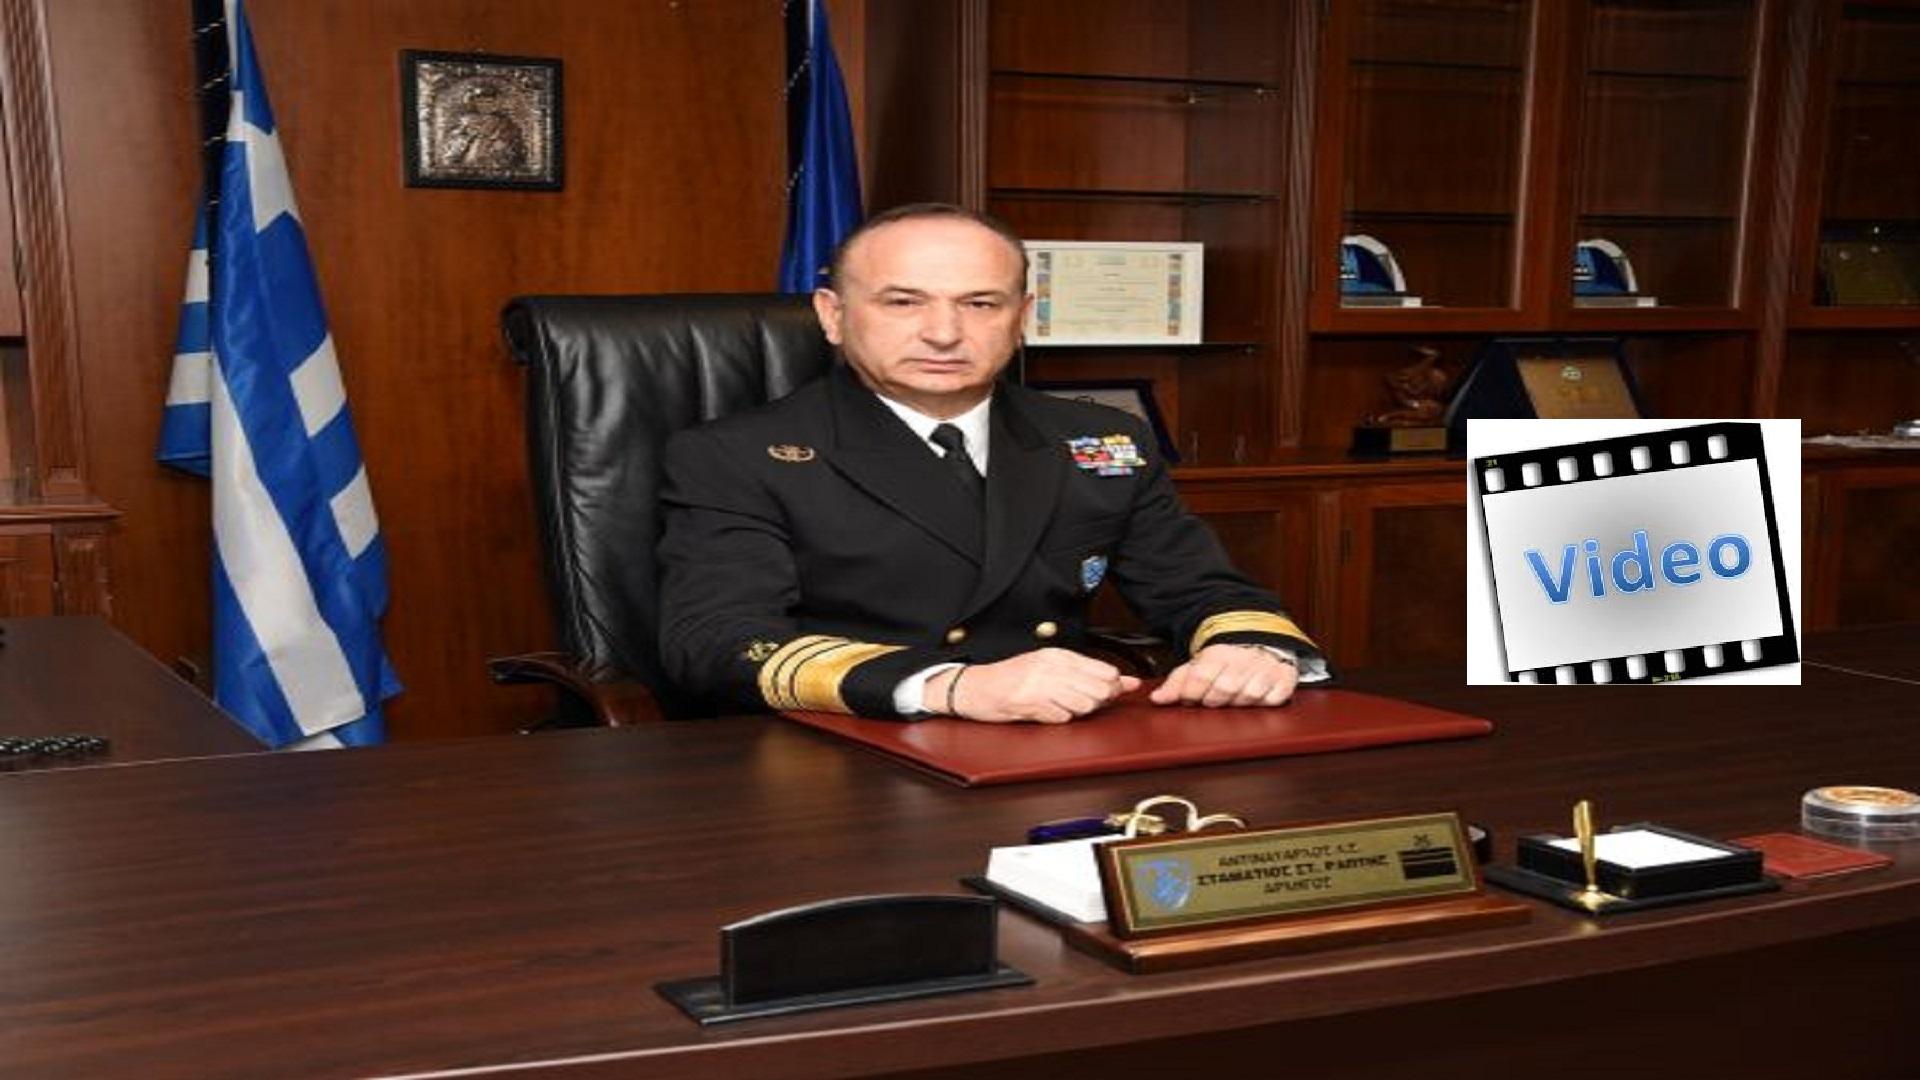 Ο Αρχηγός ΛΣ-ΕΛΑΚΤ Αντιναύαρχος Λ.Σ. ΡΑΠΤΗΣ Σταμάτιος στο 21ο τακτικό συνέδριο της ΠΟΕΠΛΣ